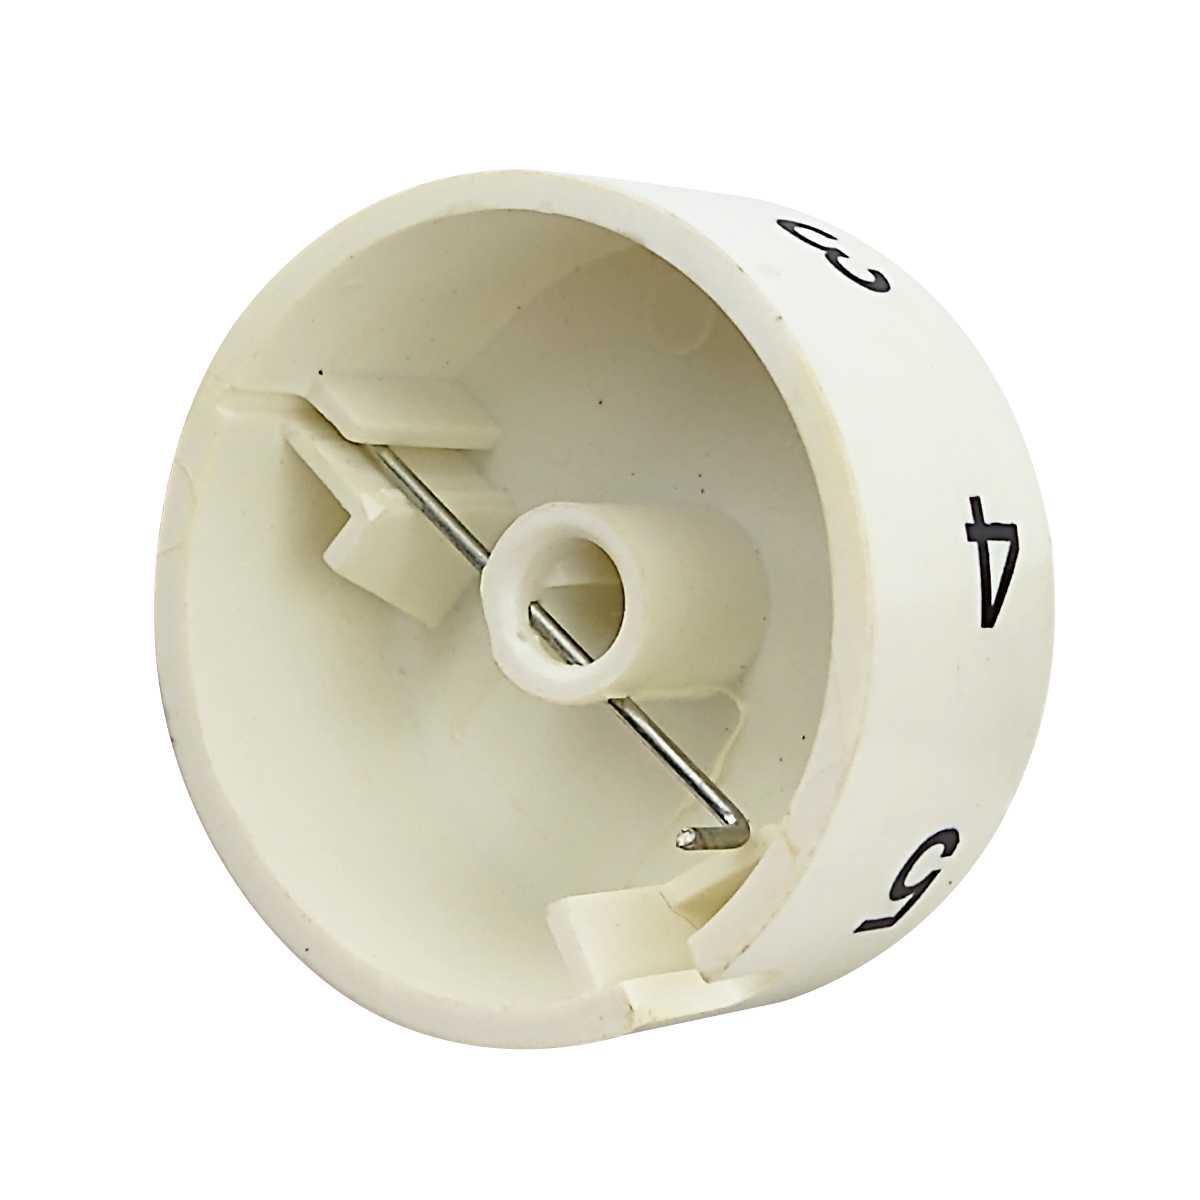 Botão com trava do termostato geladeira Bosch 488296